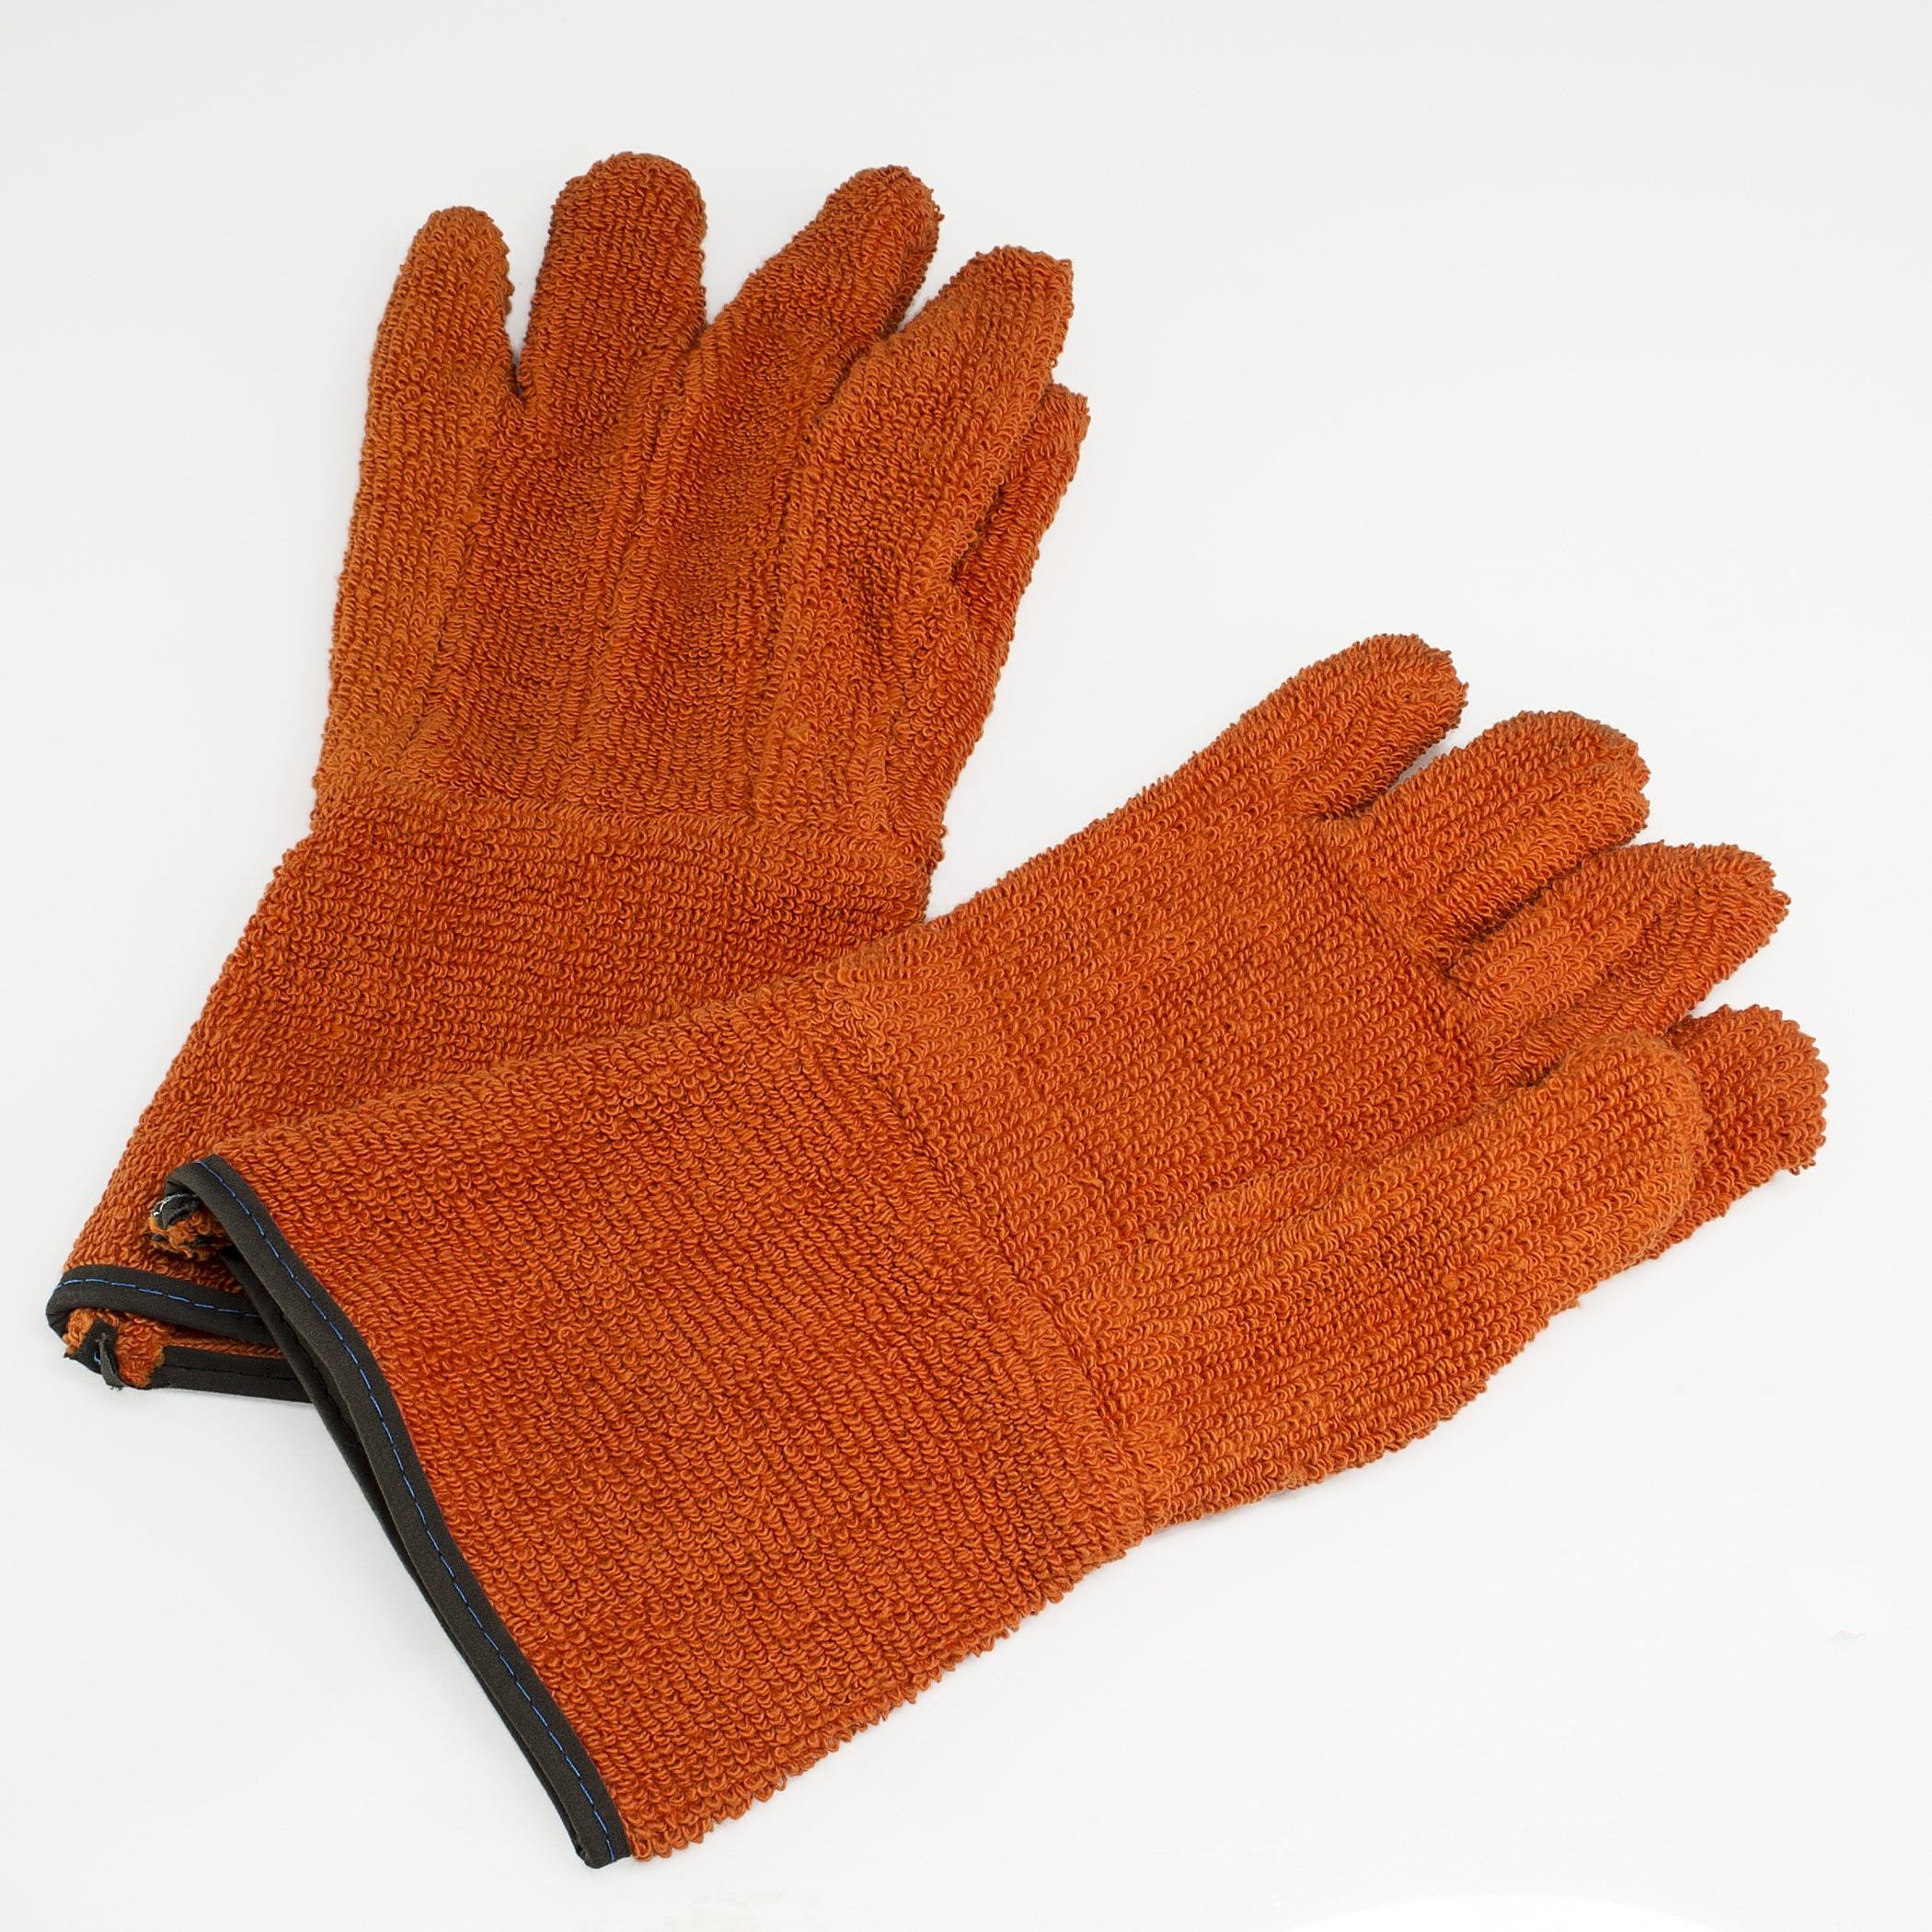 SP Bel-Art Clavies Heat Resistant Biohazard Autoclave/Oven Gloves; 5 in. Gauntlet